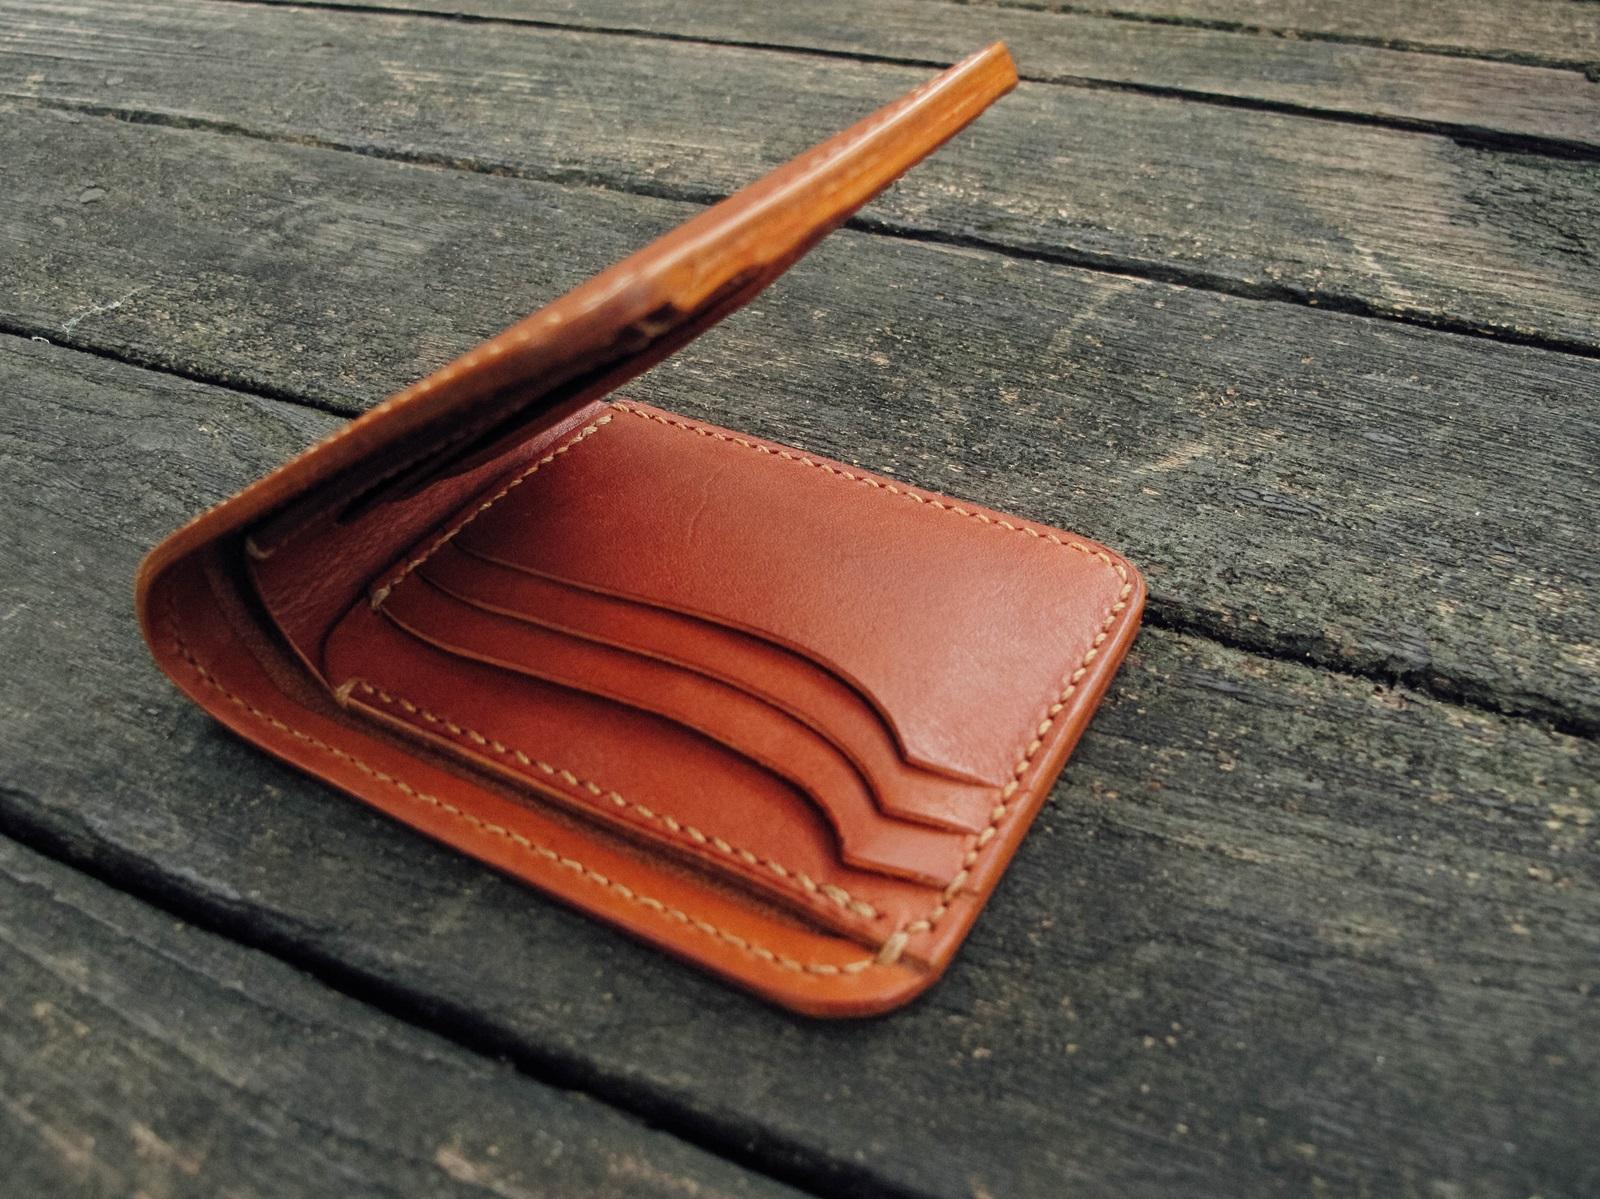 กระเป๋า,กระเป๋าสตางค์,กระเป๋าสตางค์แบบสั้น,กระเป๋าหนัง,หนังแท้,กระเป๋าสตางค์หนัง